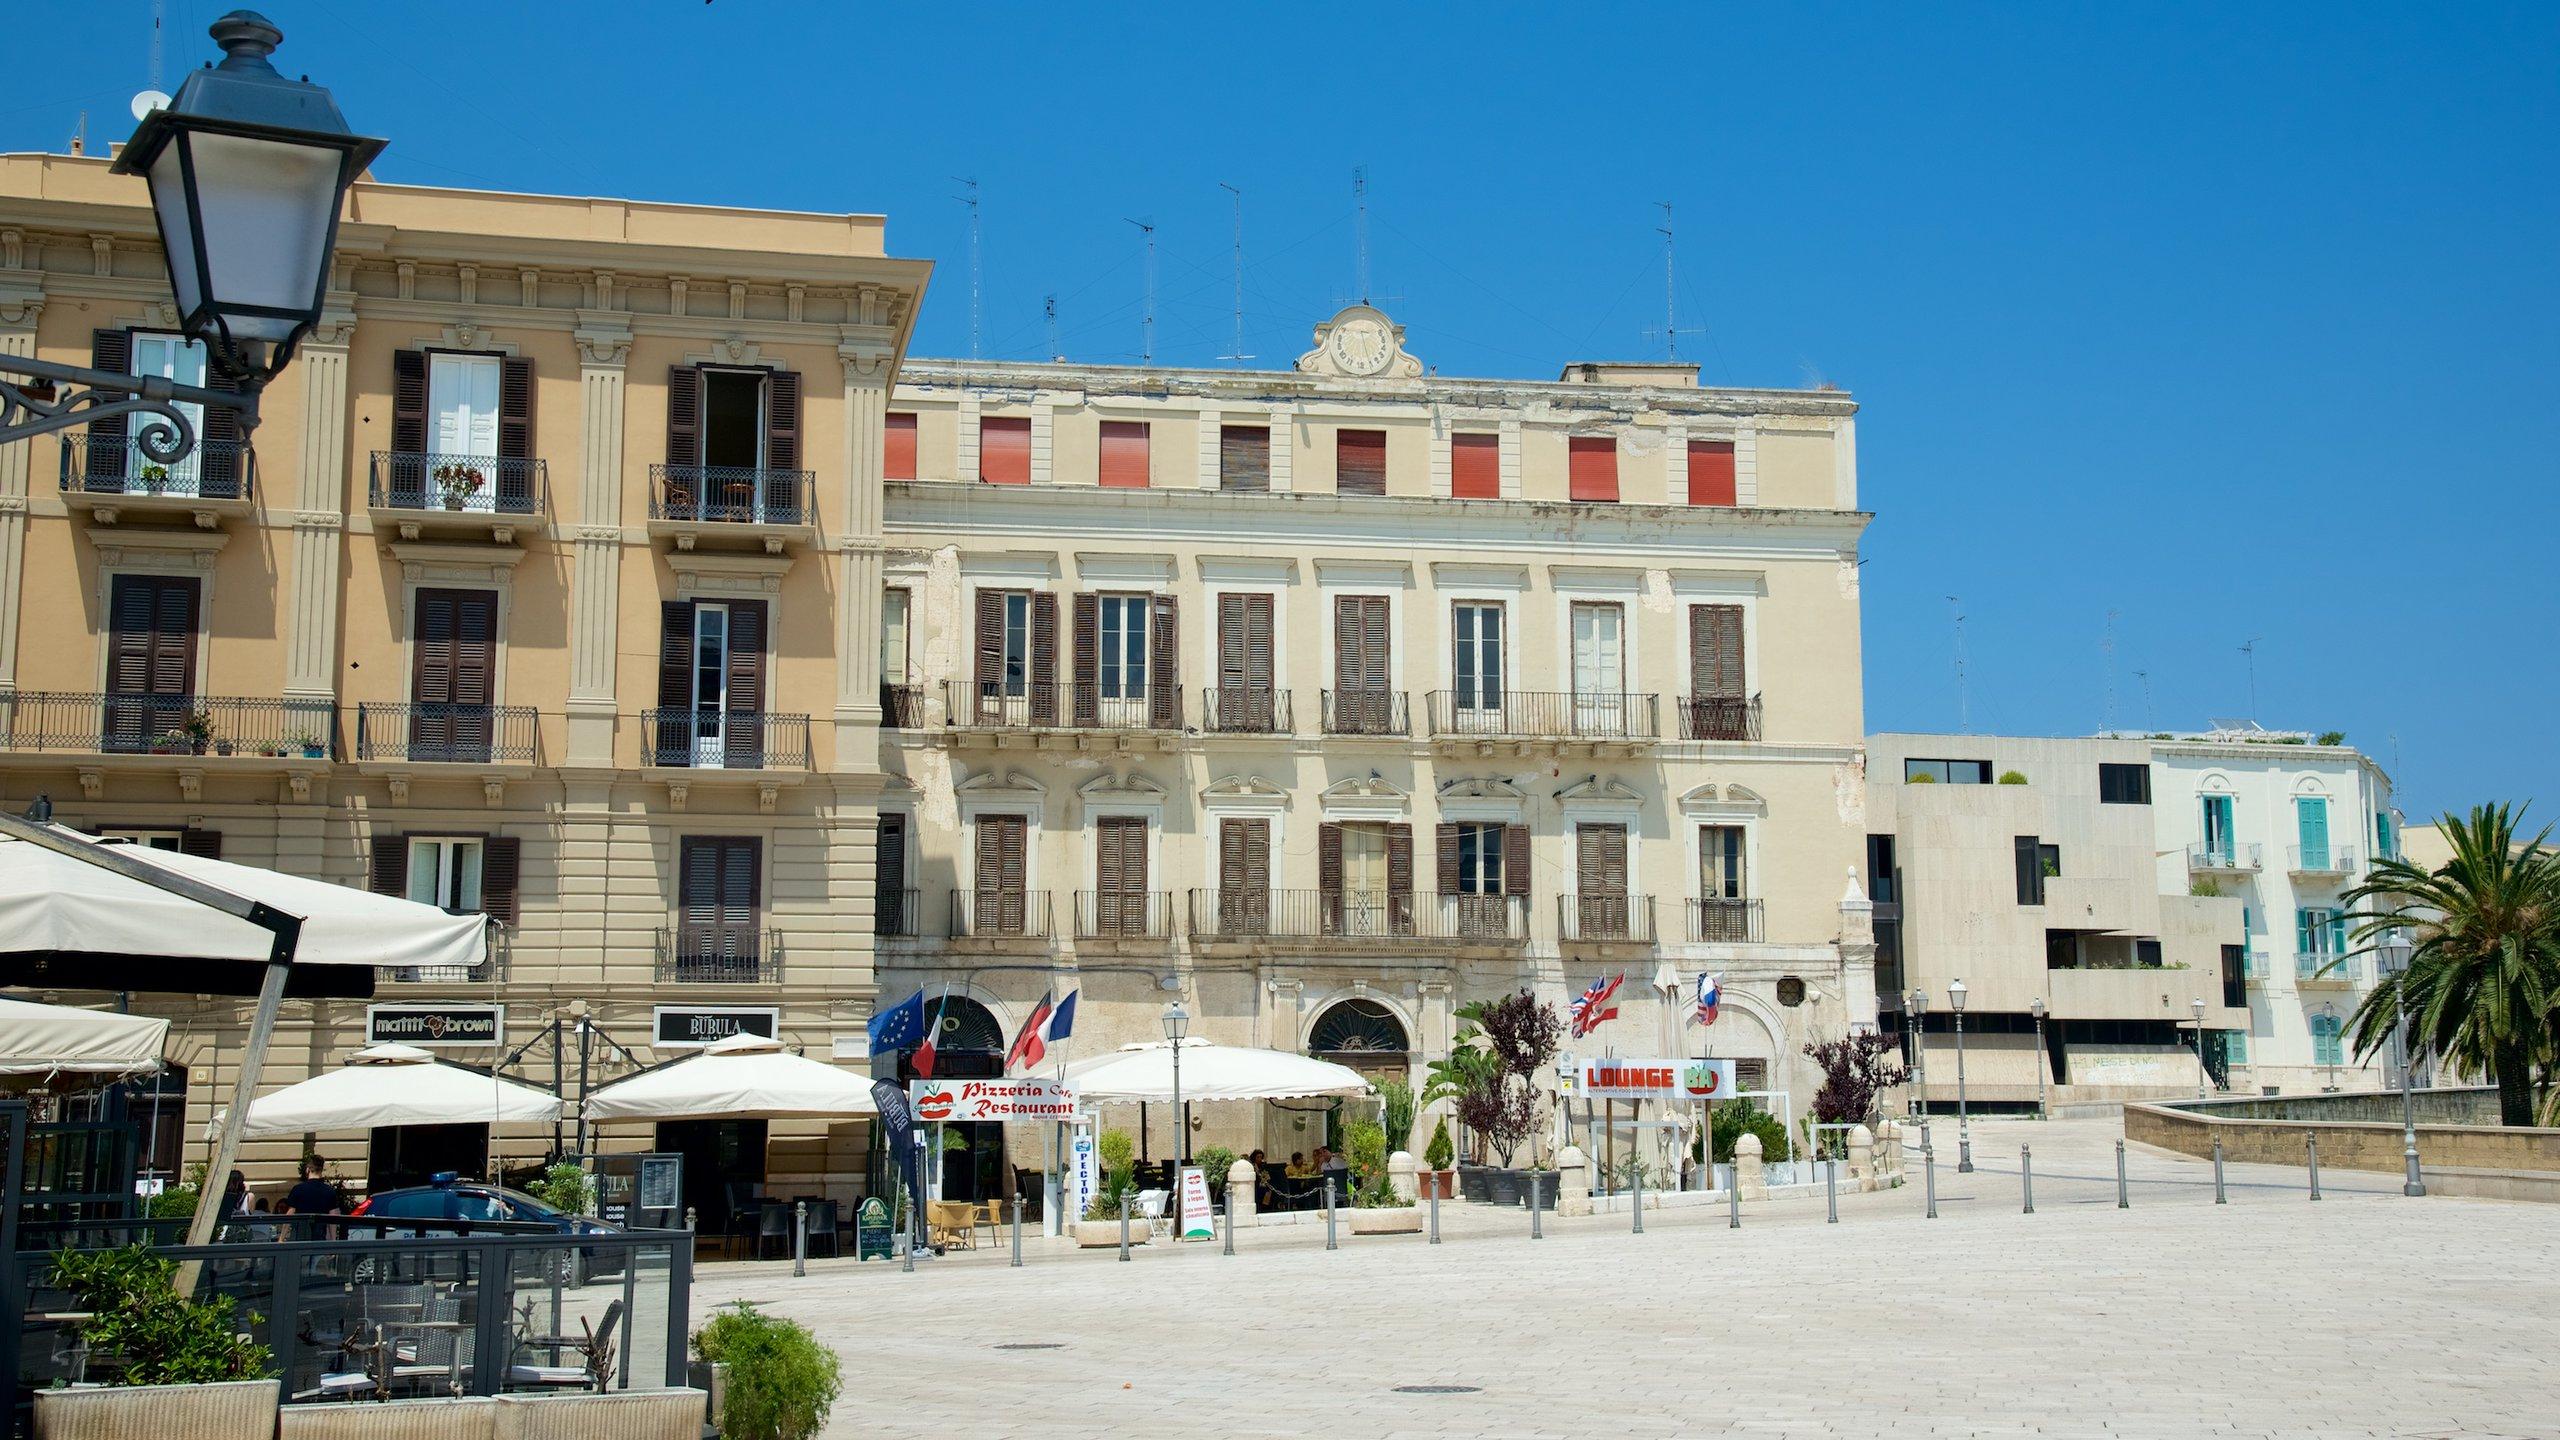 Piazza del Ferrarese, Bari, Puglia, Italy